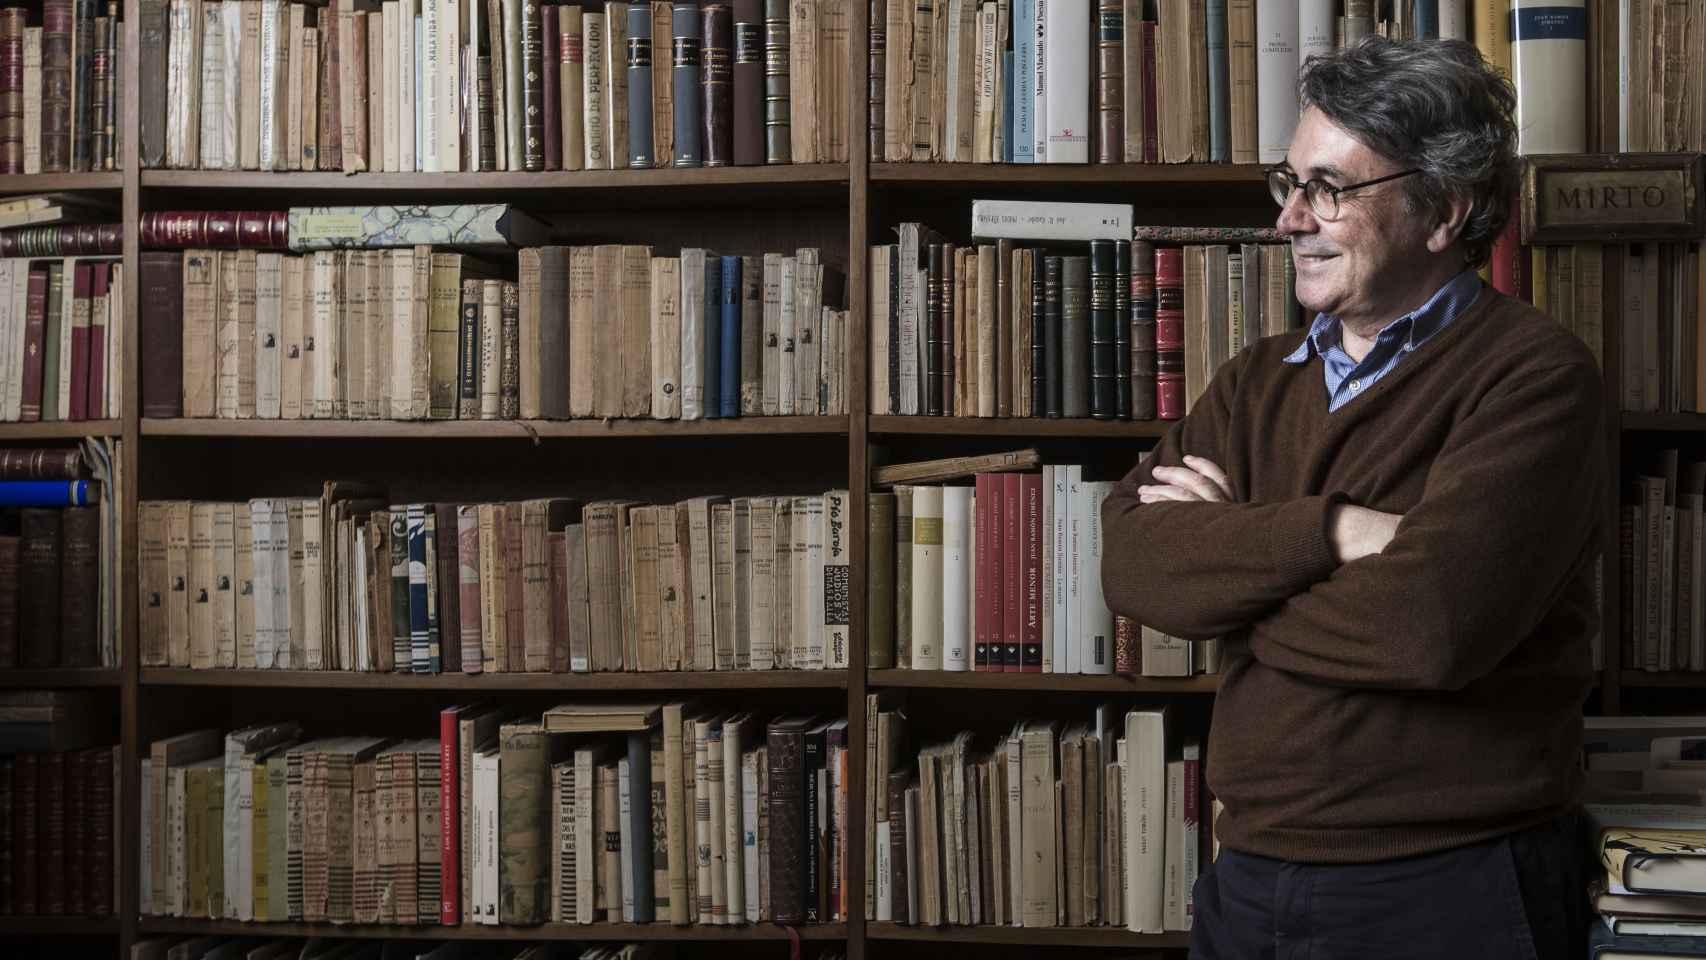 Andrés Trapiello/Roberto Cárdenas